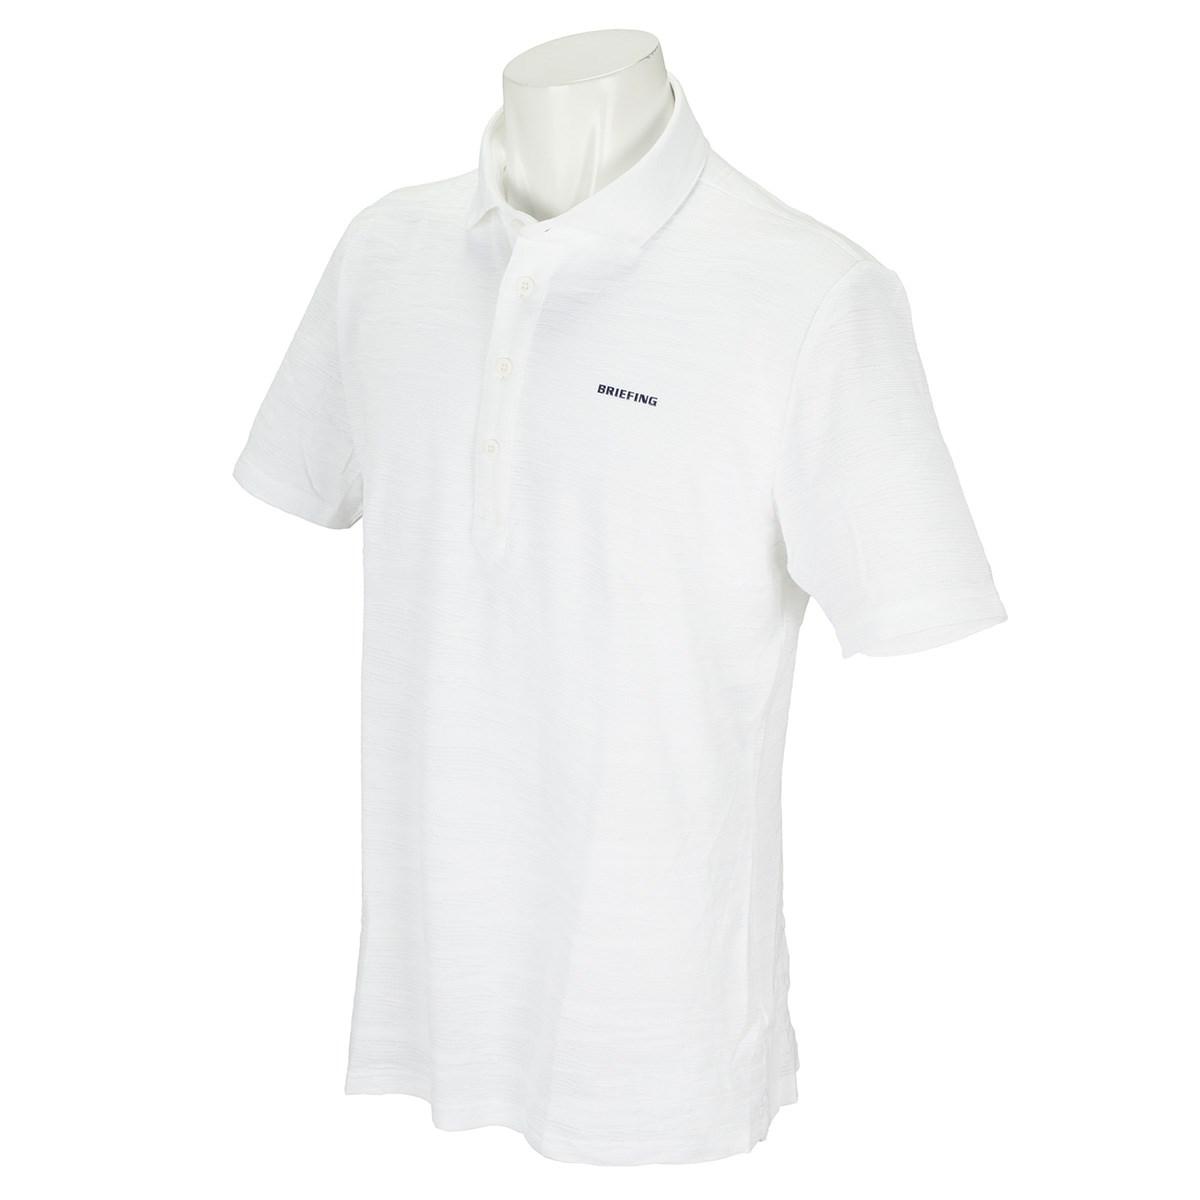 ブリーフィング CAMO WC 半袖ポロシャツ